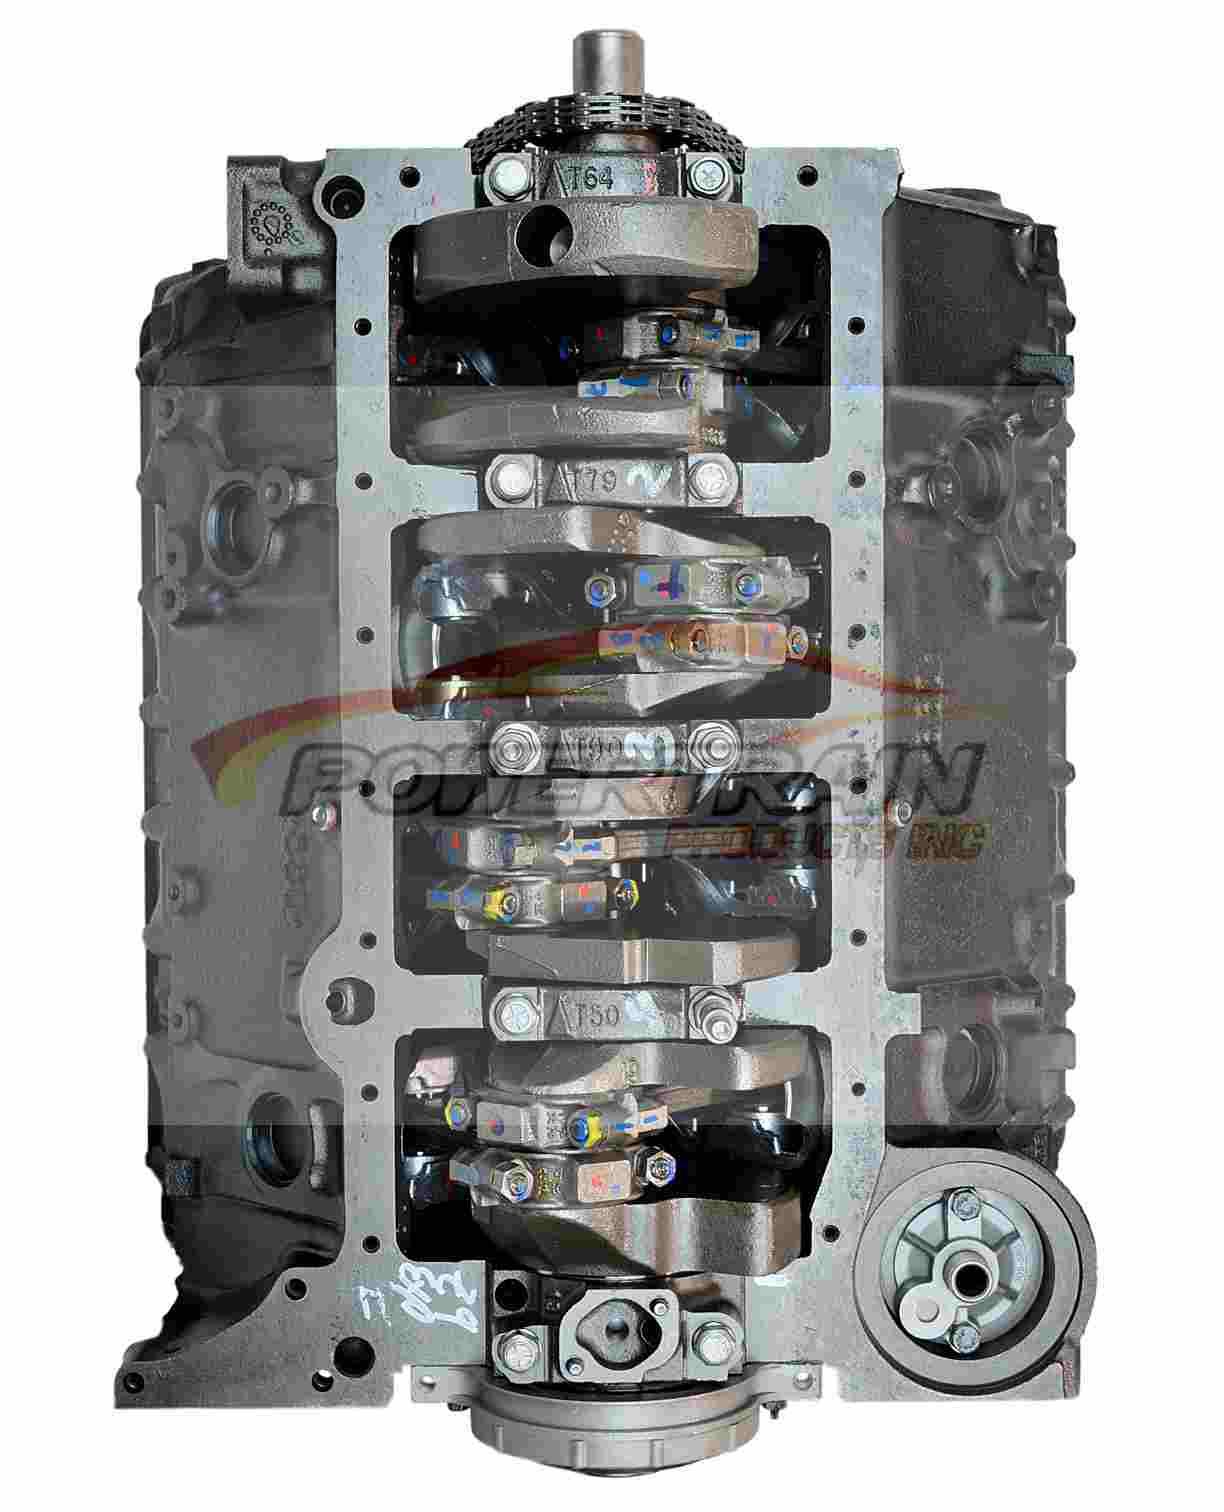 Chevy Vortec Engine 98 350